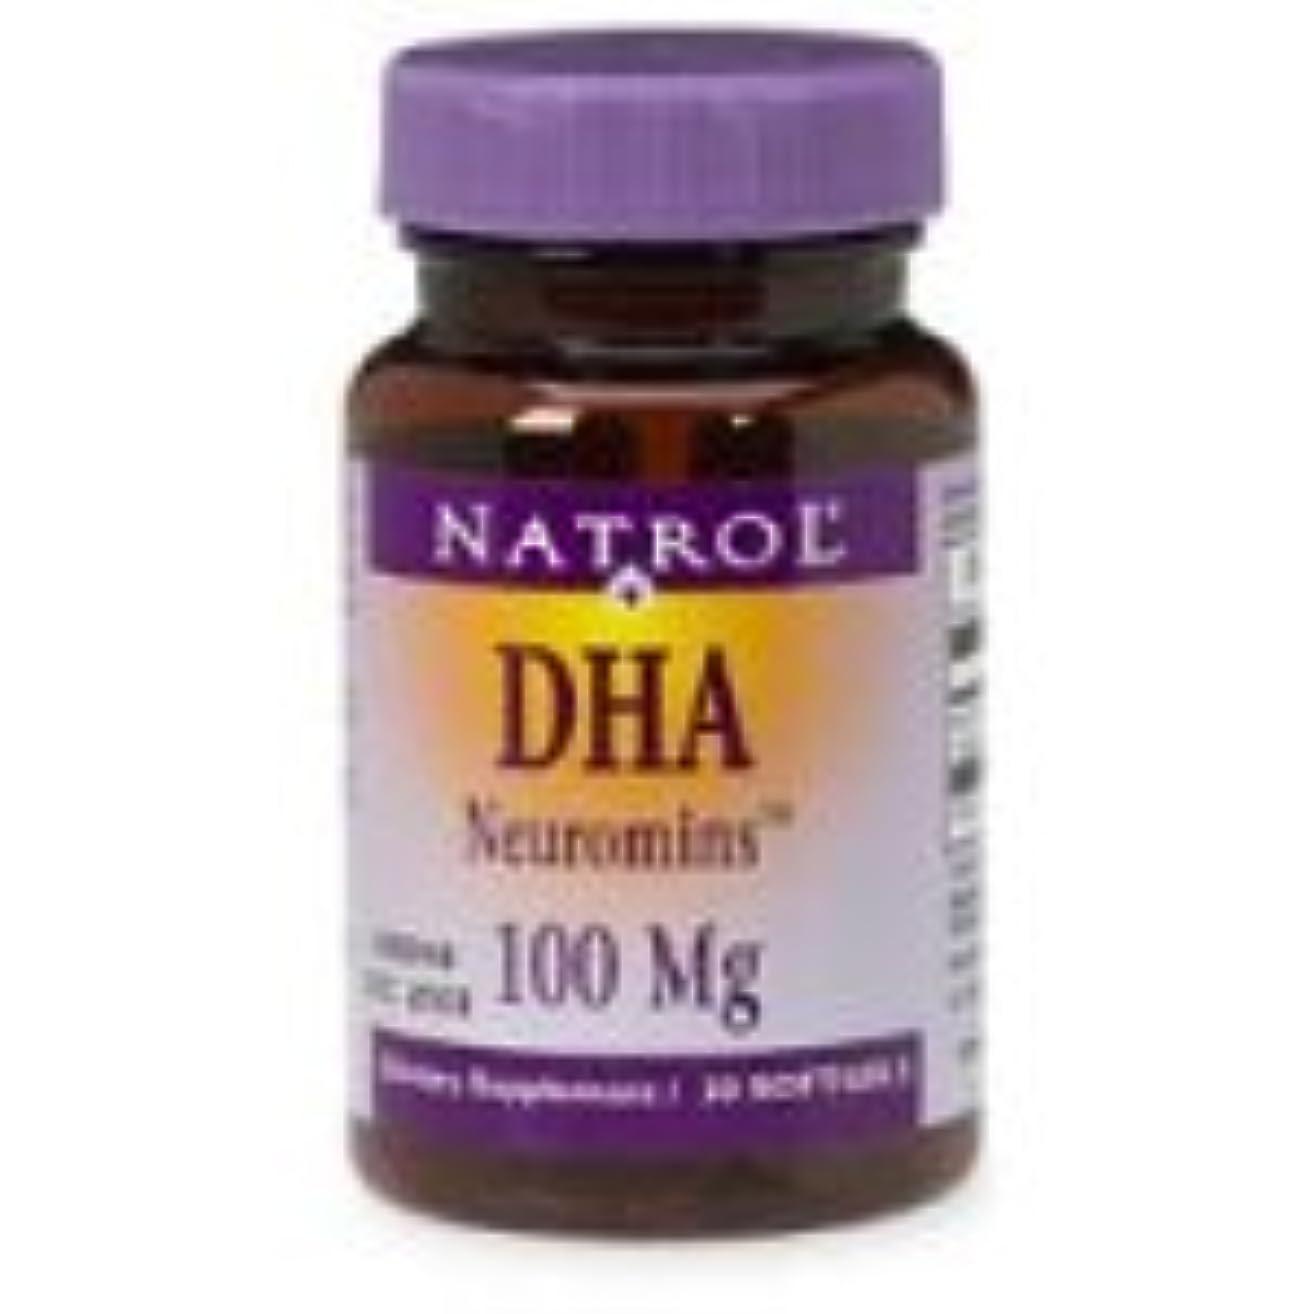 魚抗生物質アカデミック海外直送品 Natrol (incl Laci Le Beau Teas) DHA, 30 Sftgls 100 MG